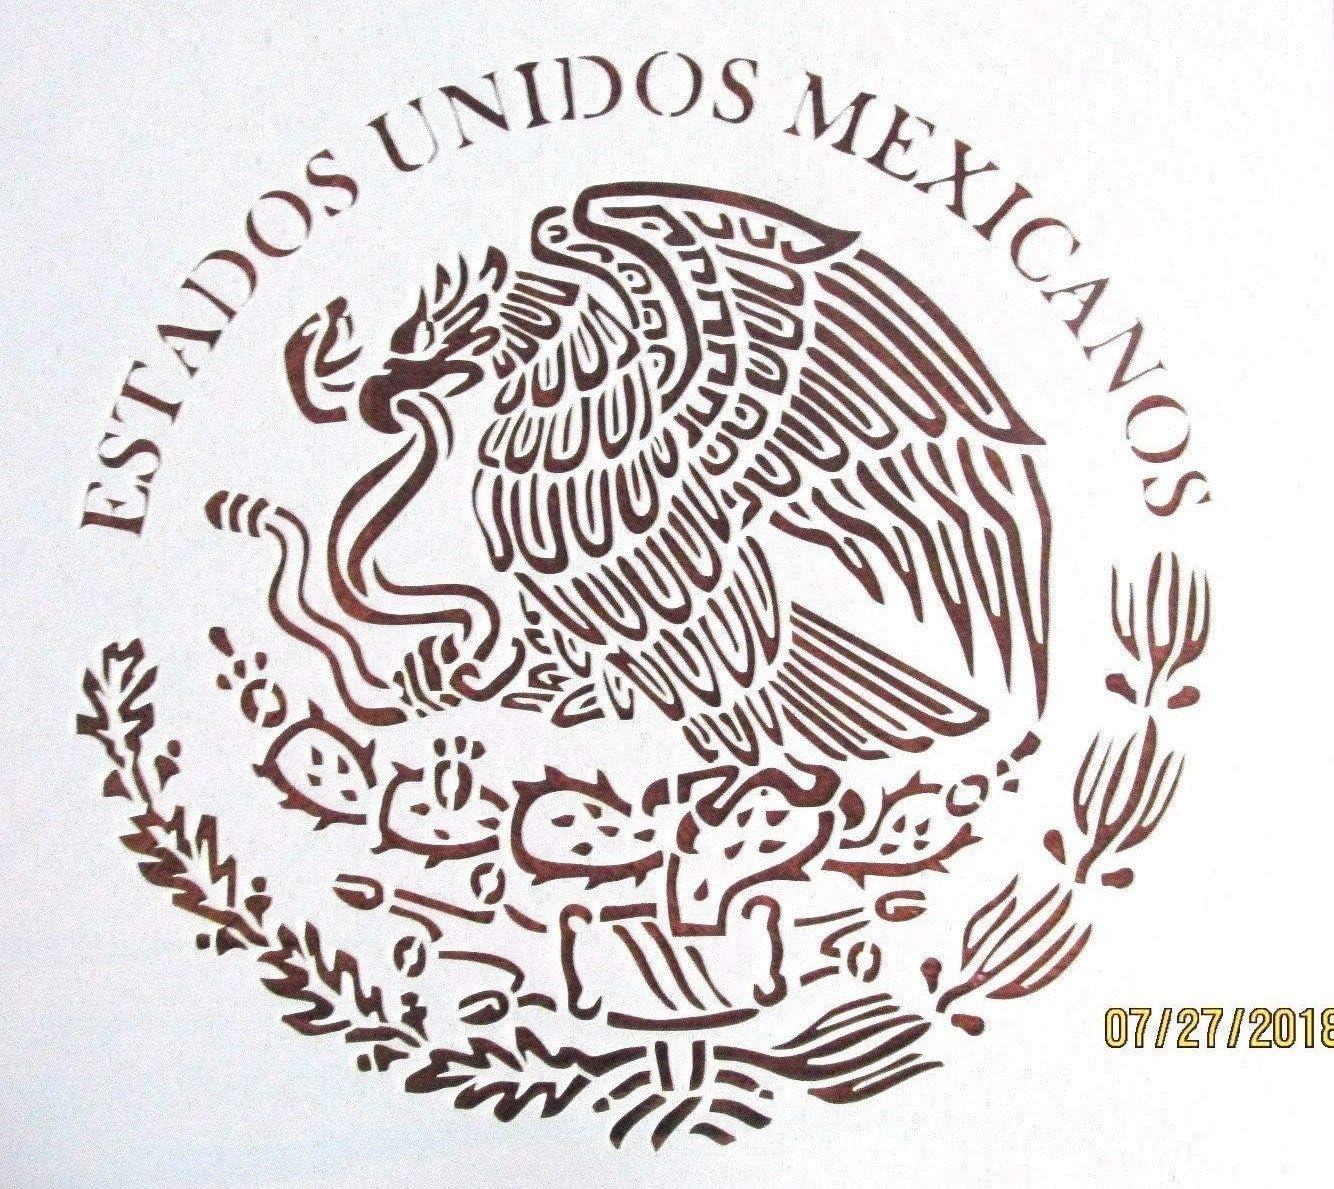 OutletBestSelling - Plantilla Reutilizable y Resistente con Emblema de Bandera Mexicana, 10 mil de Mylar: Amazon.es: Juguetes y juegos